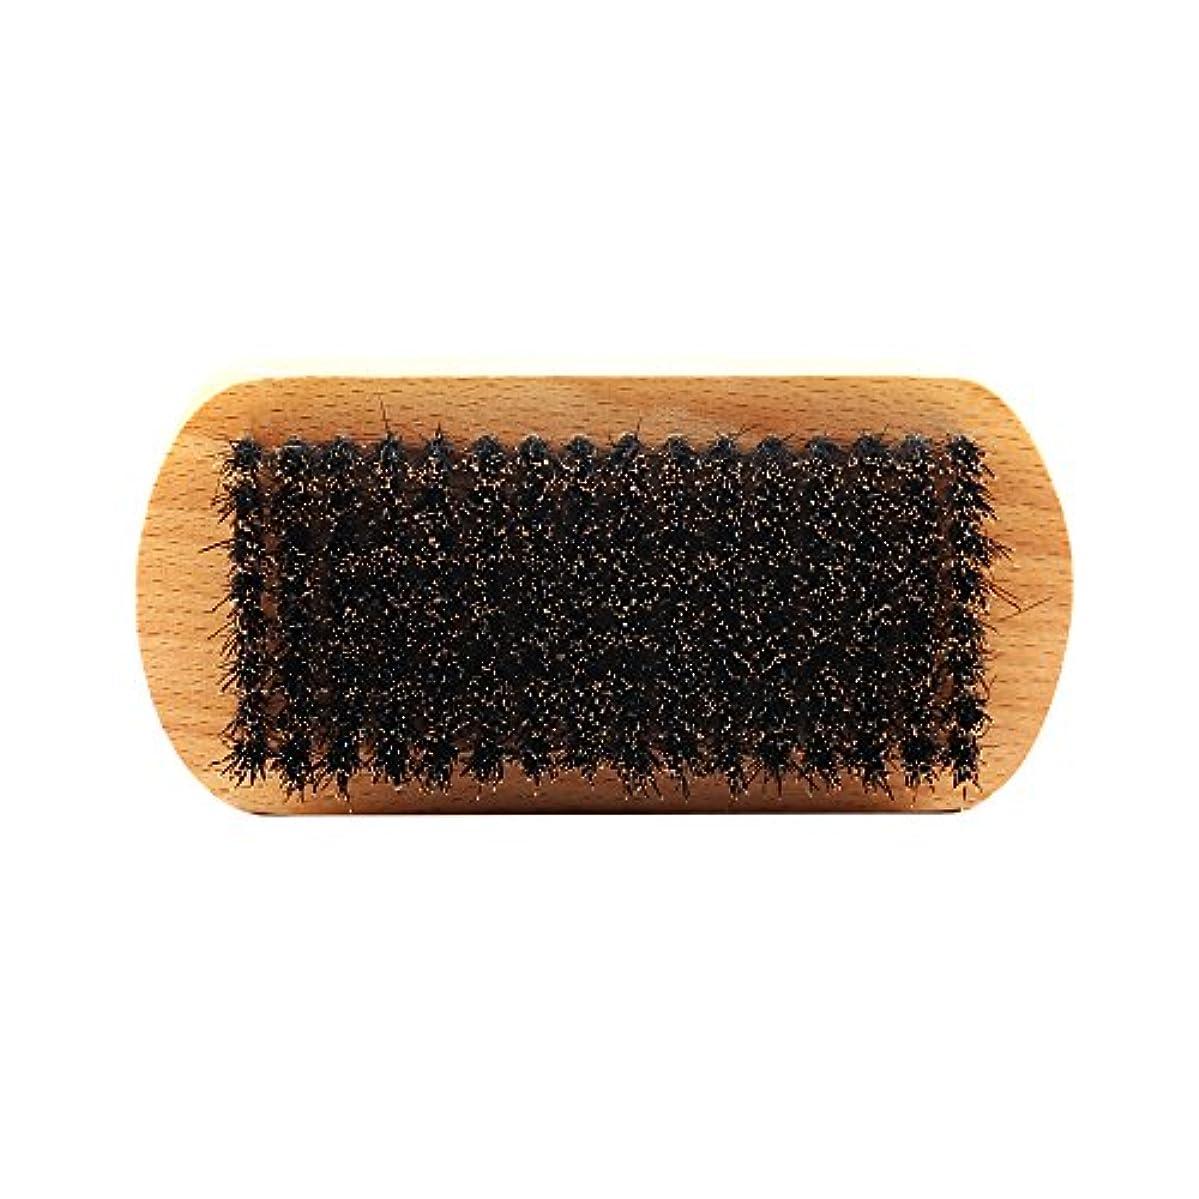 抑制する発行同盟Perfeclan ビュアブラシ 男性 ひげ剃り ブリスル 天然木ハンドル ひげそり 2タイプ選べる - #1